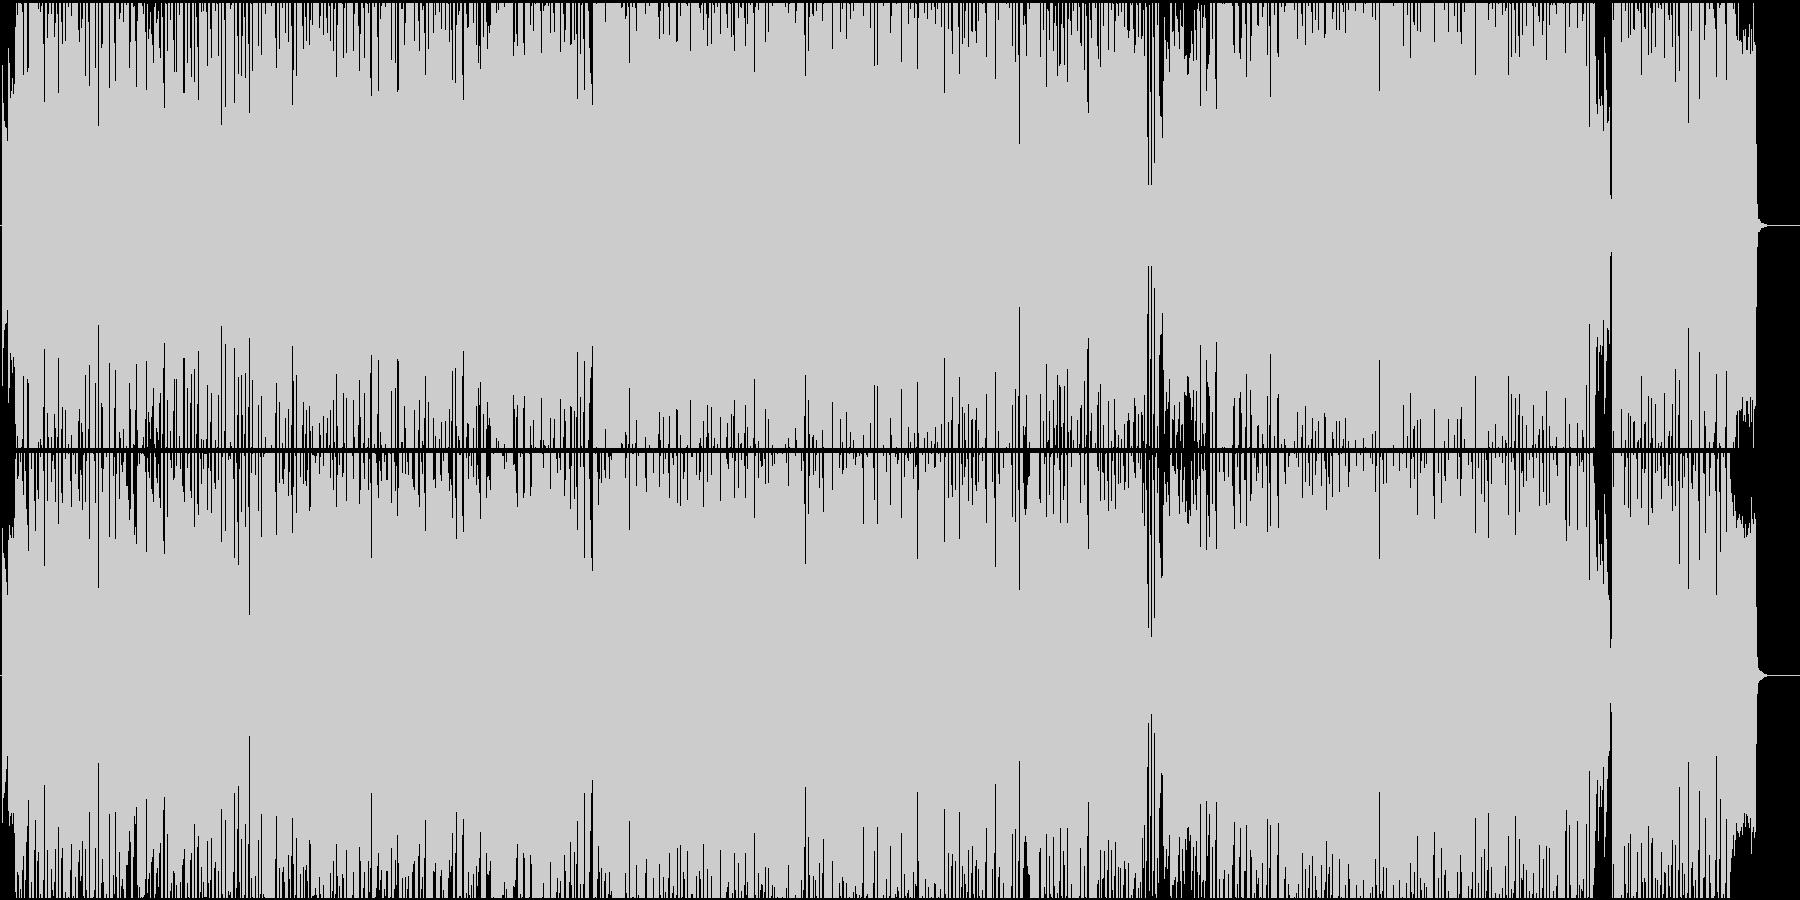 リズムゲーム使用を想定したアイドルソングの未再生の波形